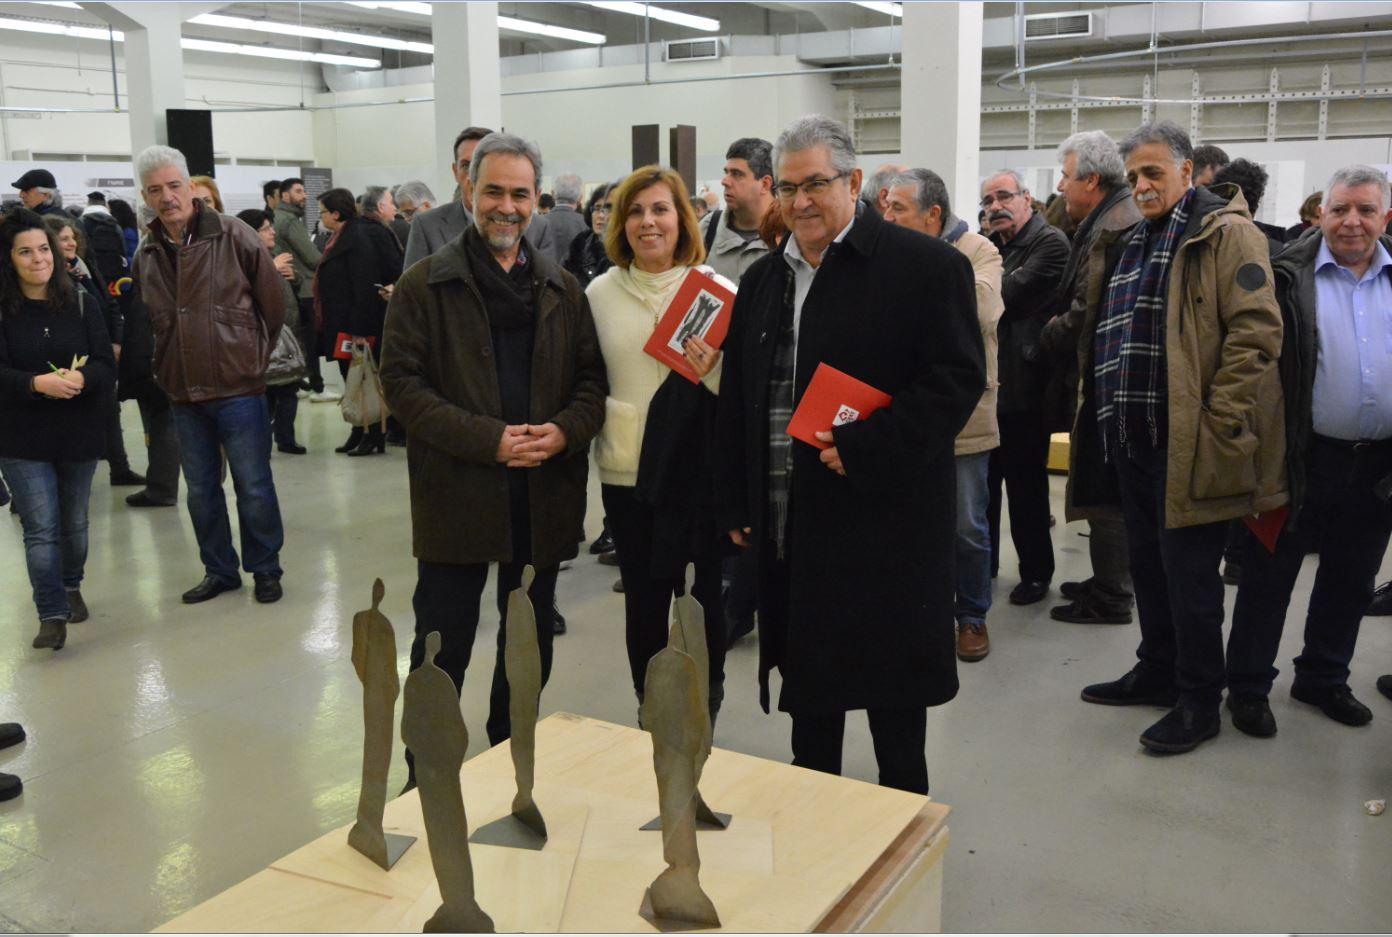 Ο Μάρκος Γεωργιλάκης στο έργο του την Ντίνα Κώτσιου και τον Δημήτρη Κουτσούμπα